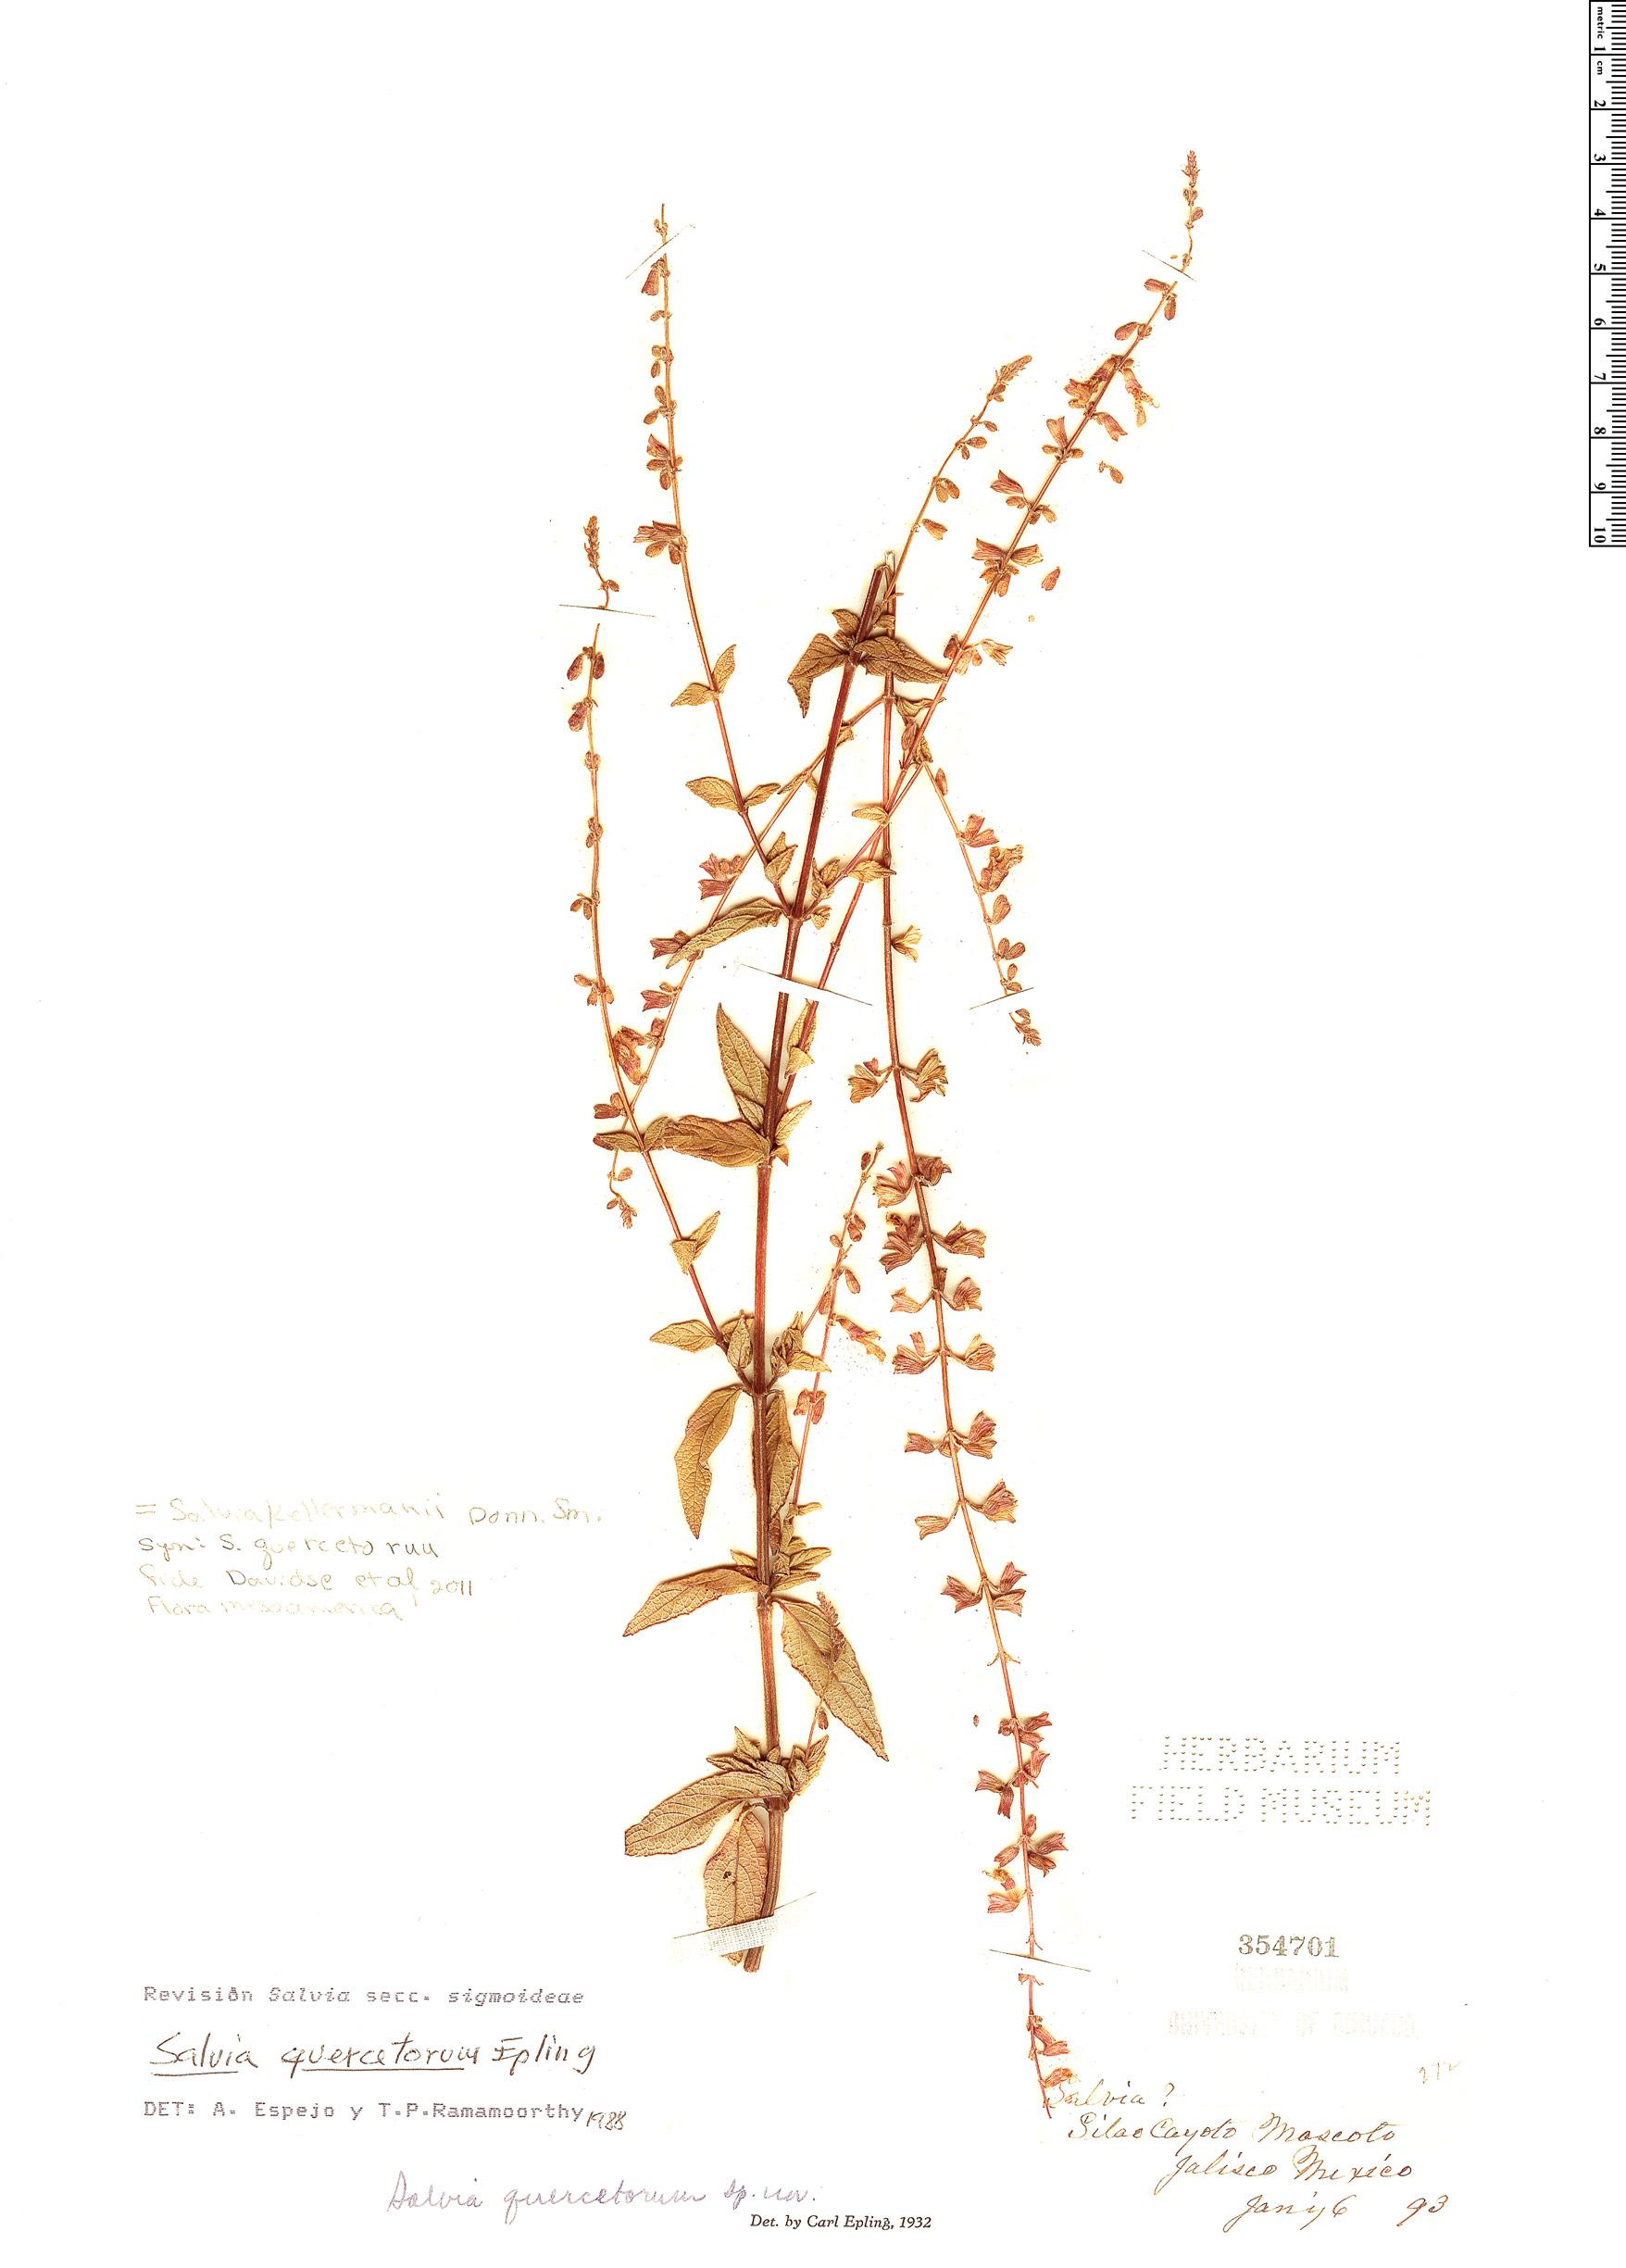 Specimen: Salvia kellermanii